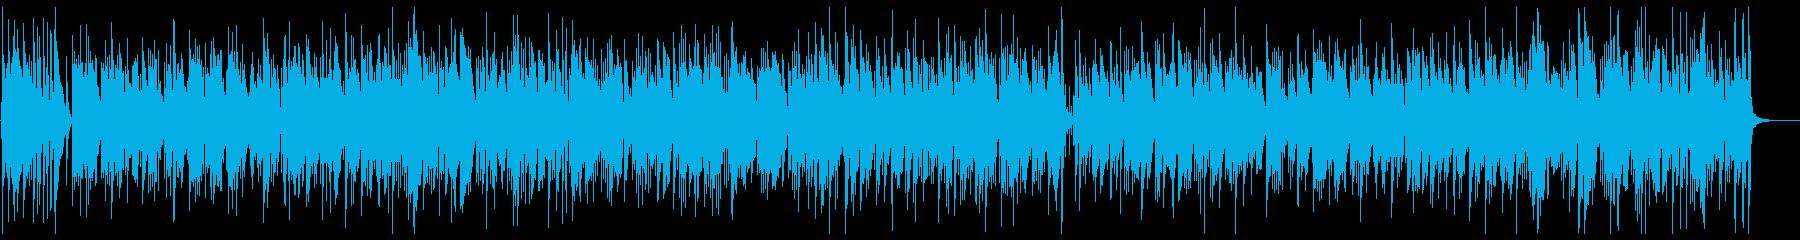 軽快なリズムで明るいピアノメロディーの再生済みの波形